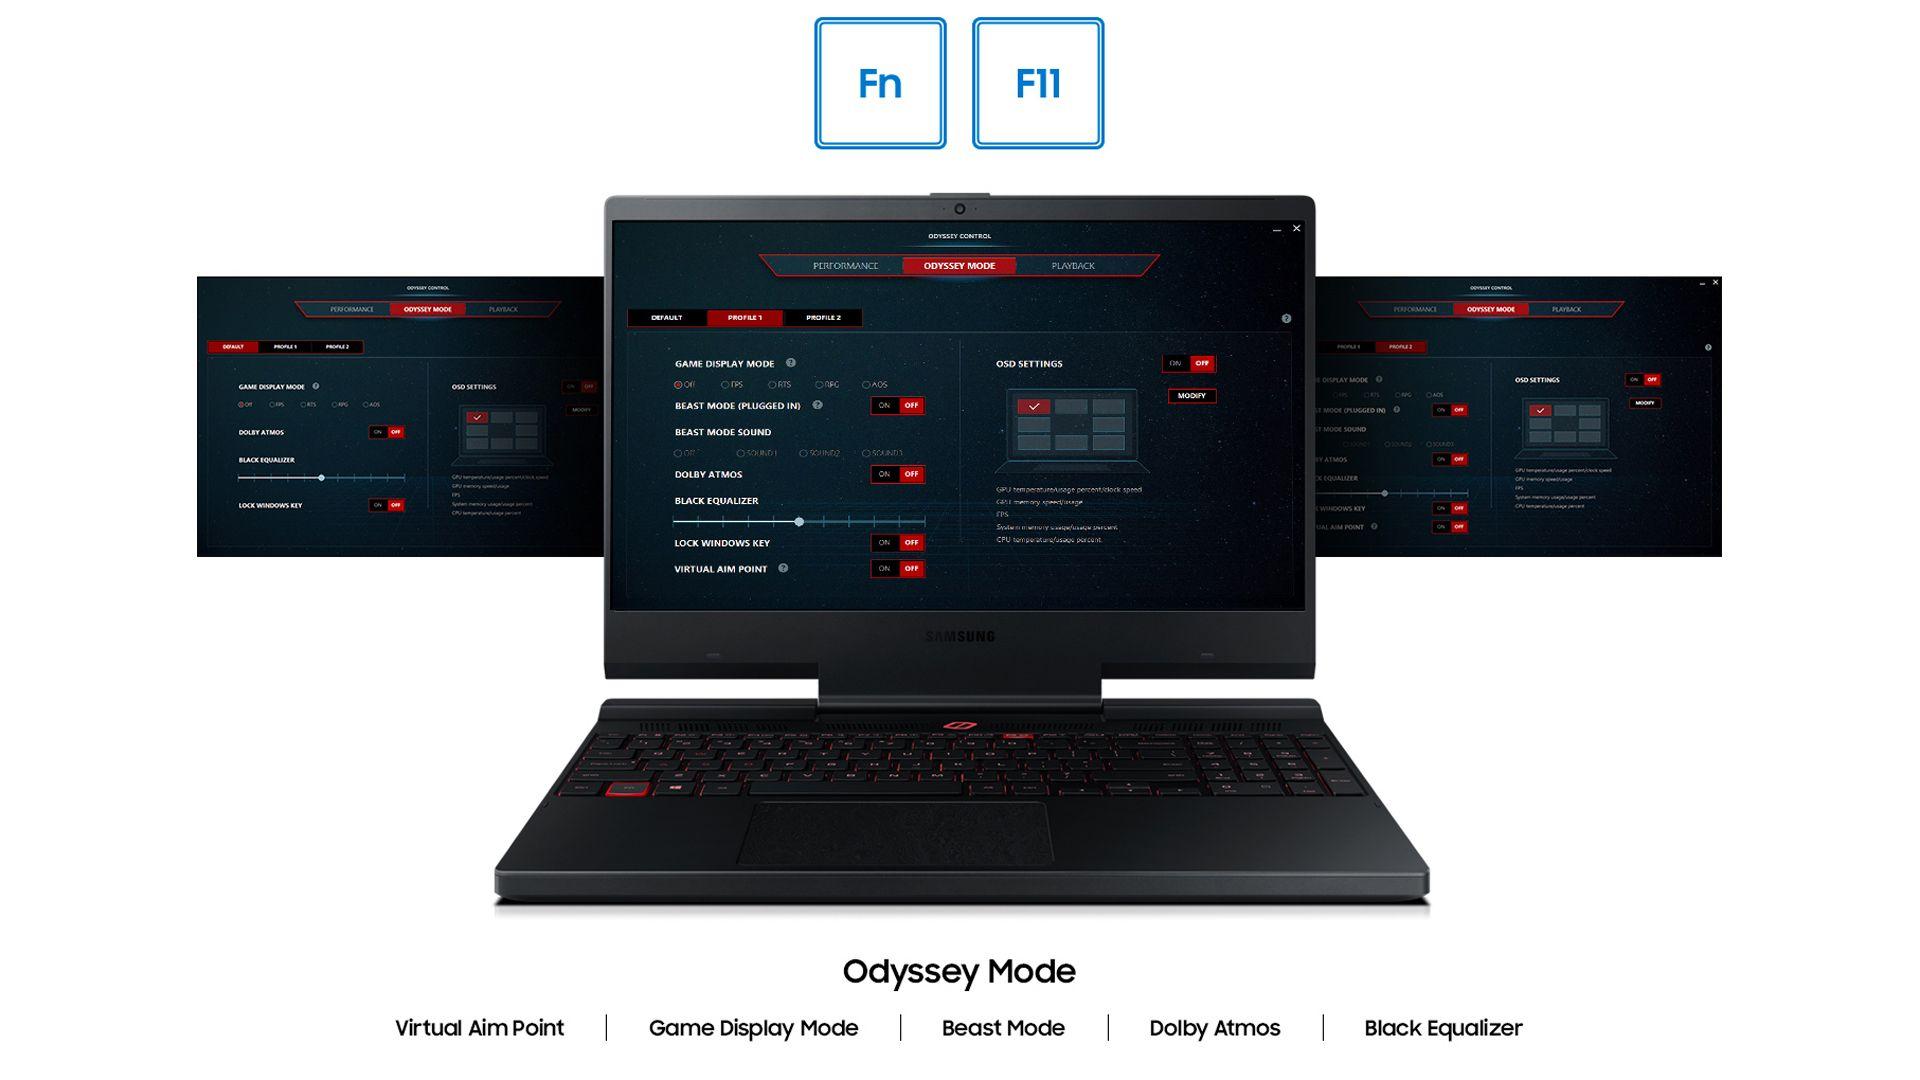 O Odyssey Control permite ativar filtros de tela, perfis de áudio e o modo Beast Mode, que promete aumentar a performance do notebook em até 15%. Foto: (Divulgação/Samsung)